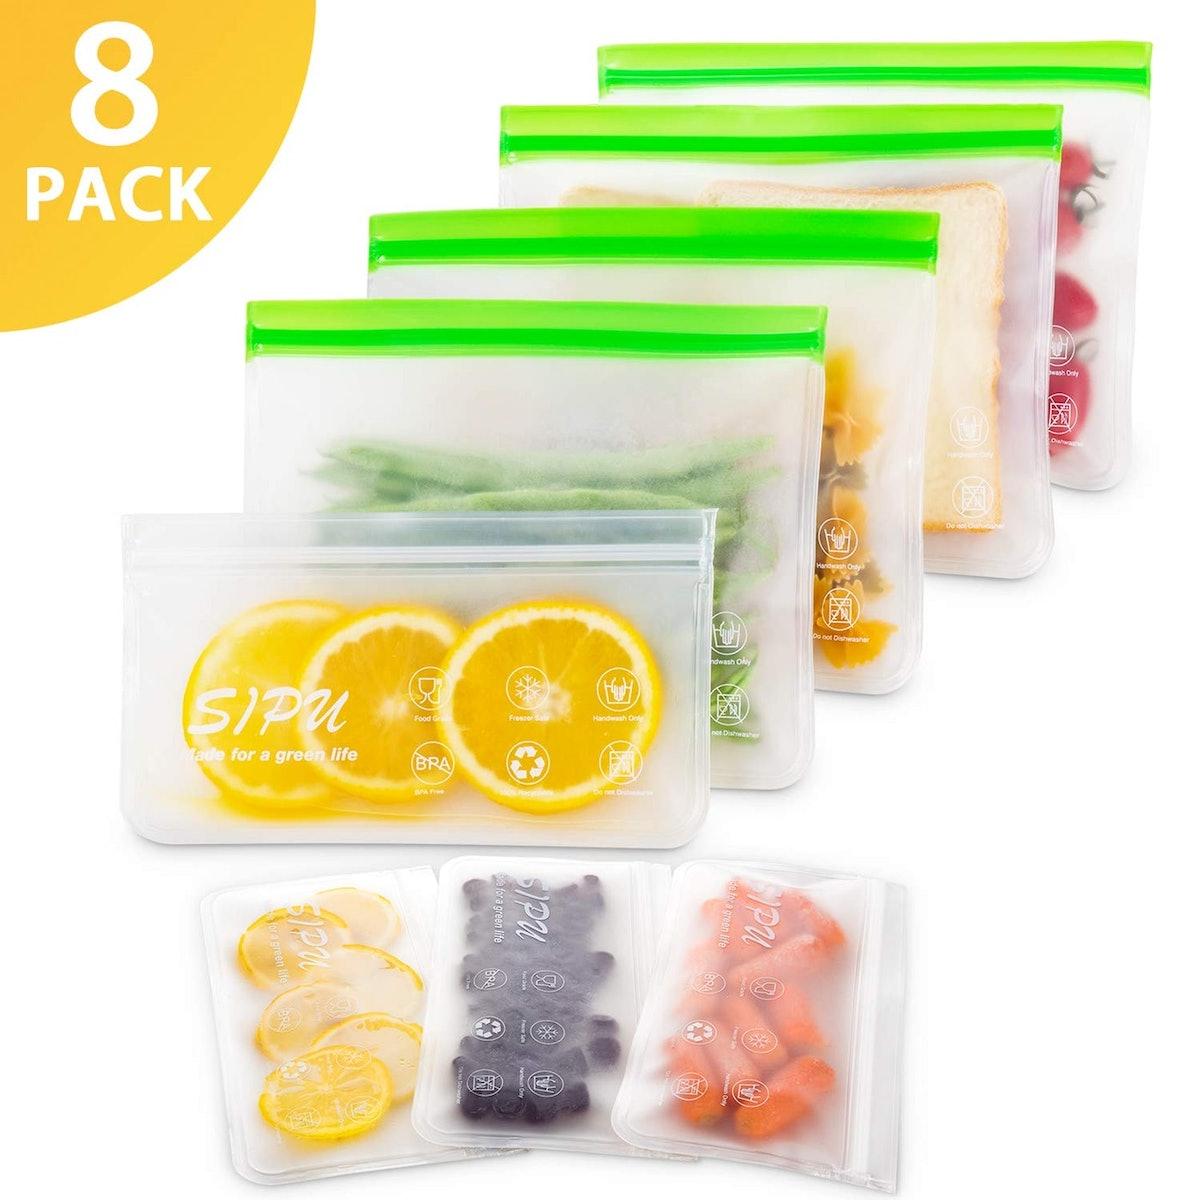 SIPU DUAL Leakproof Reusable Food Storage Bags (8-Pack)